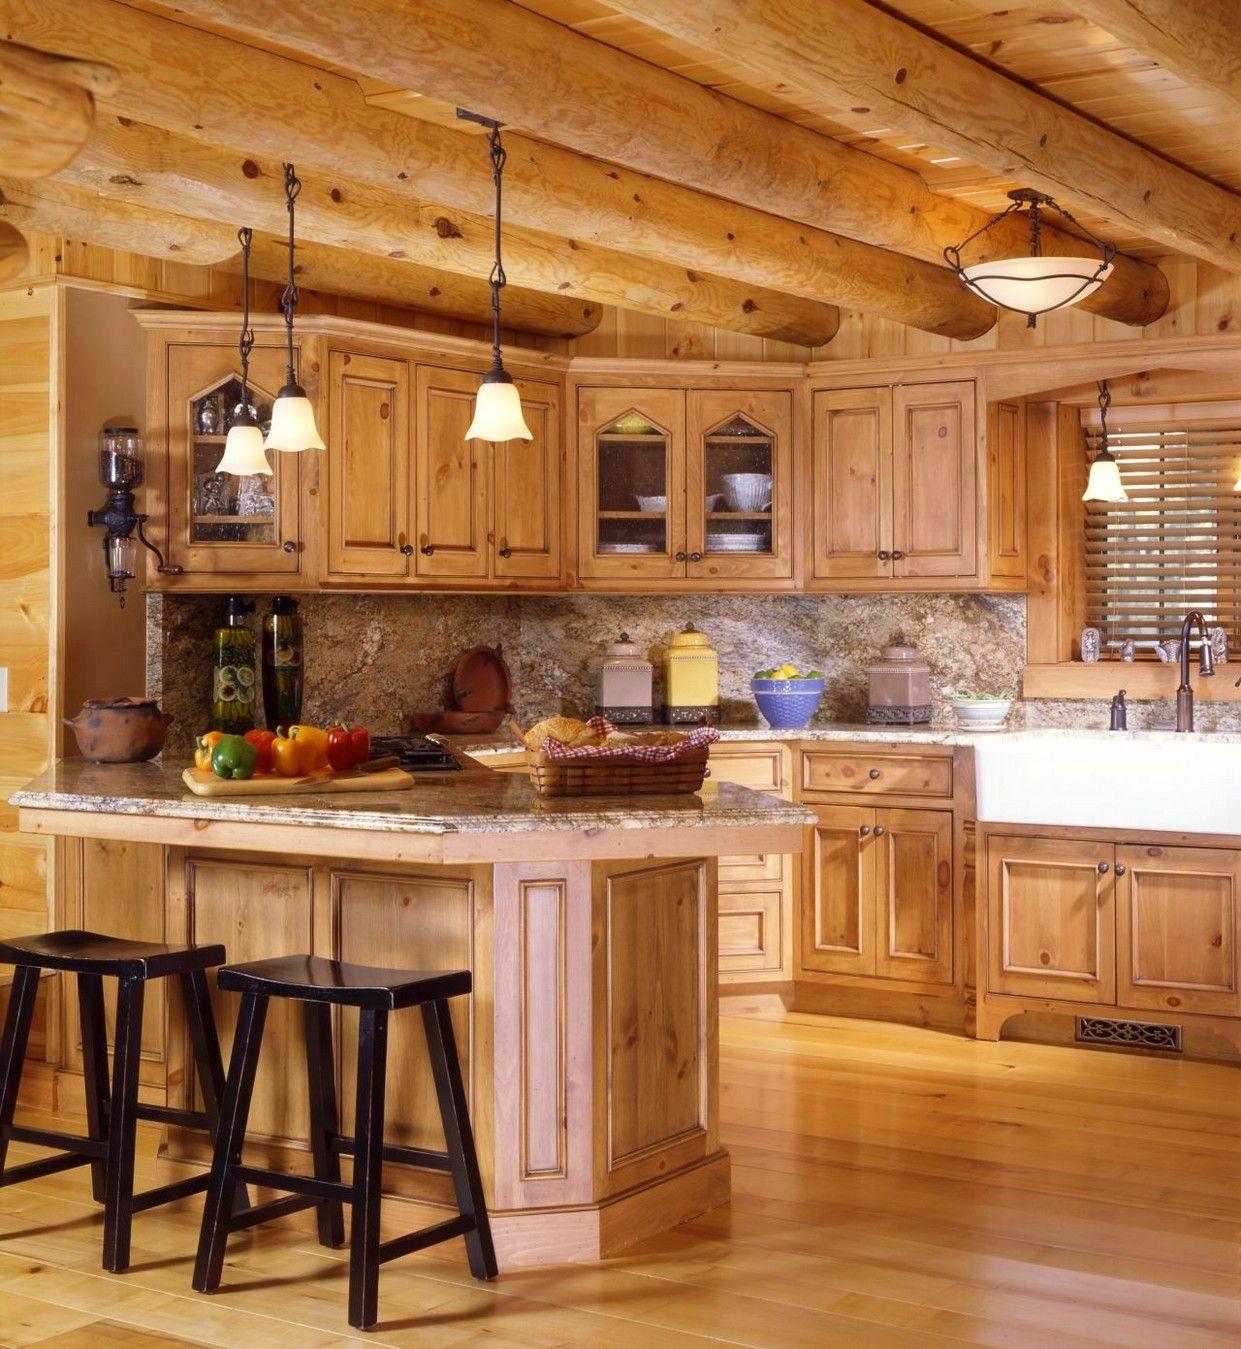 Cabin Kitchen Design Ideas Part - 38: Huge Log Cabin Kitchens Kitchen Cabinets Home Design Yellowstone Homes